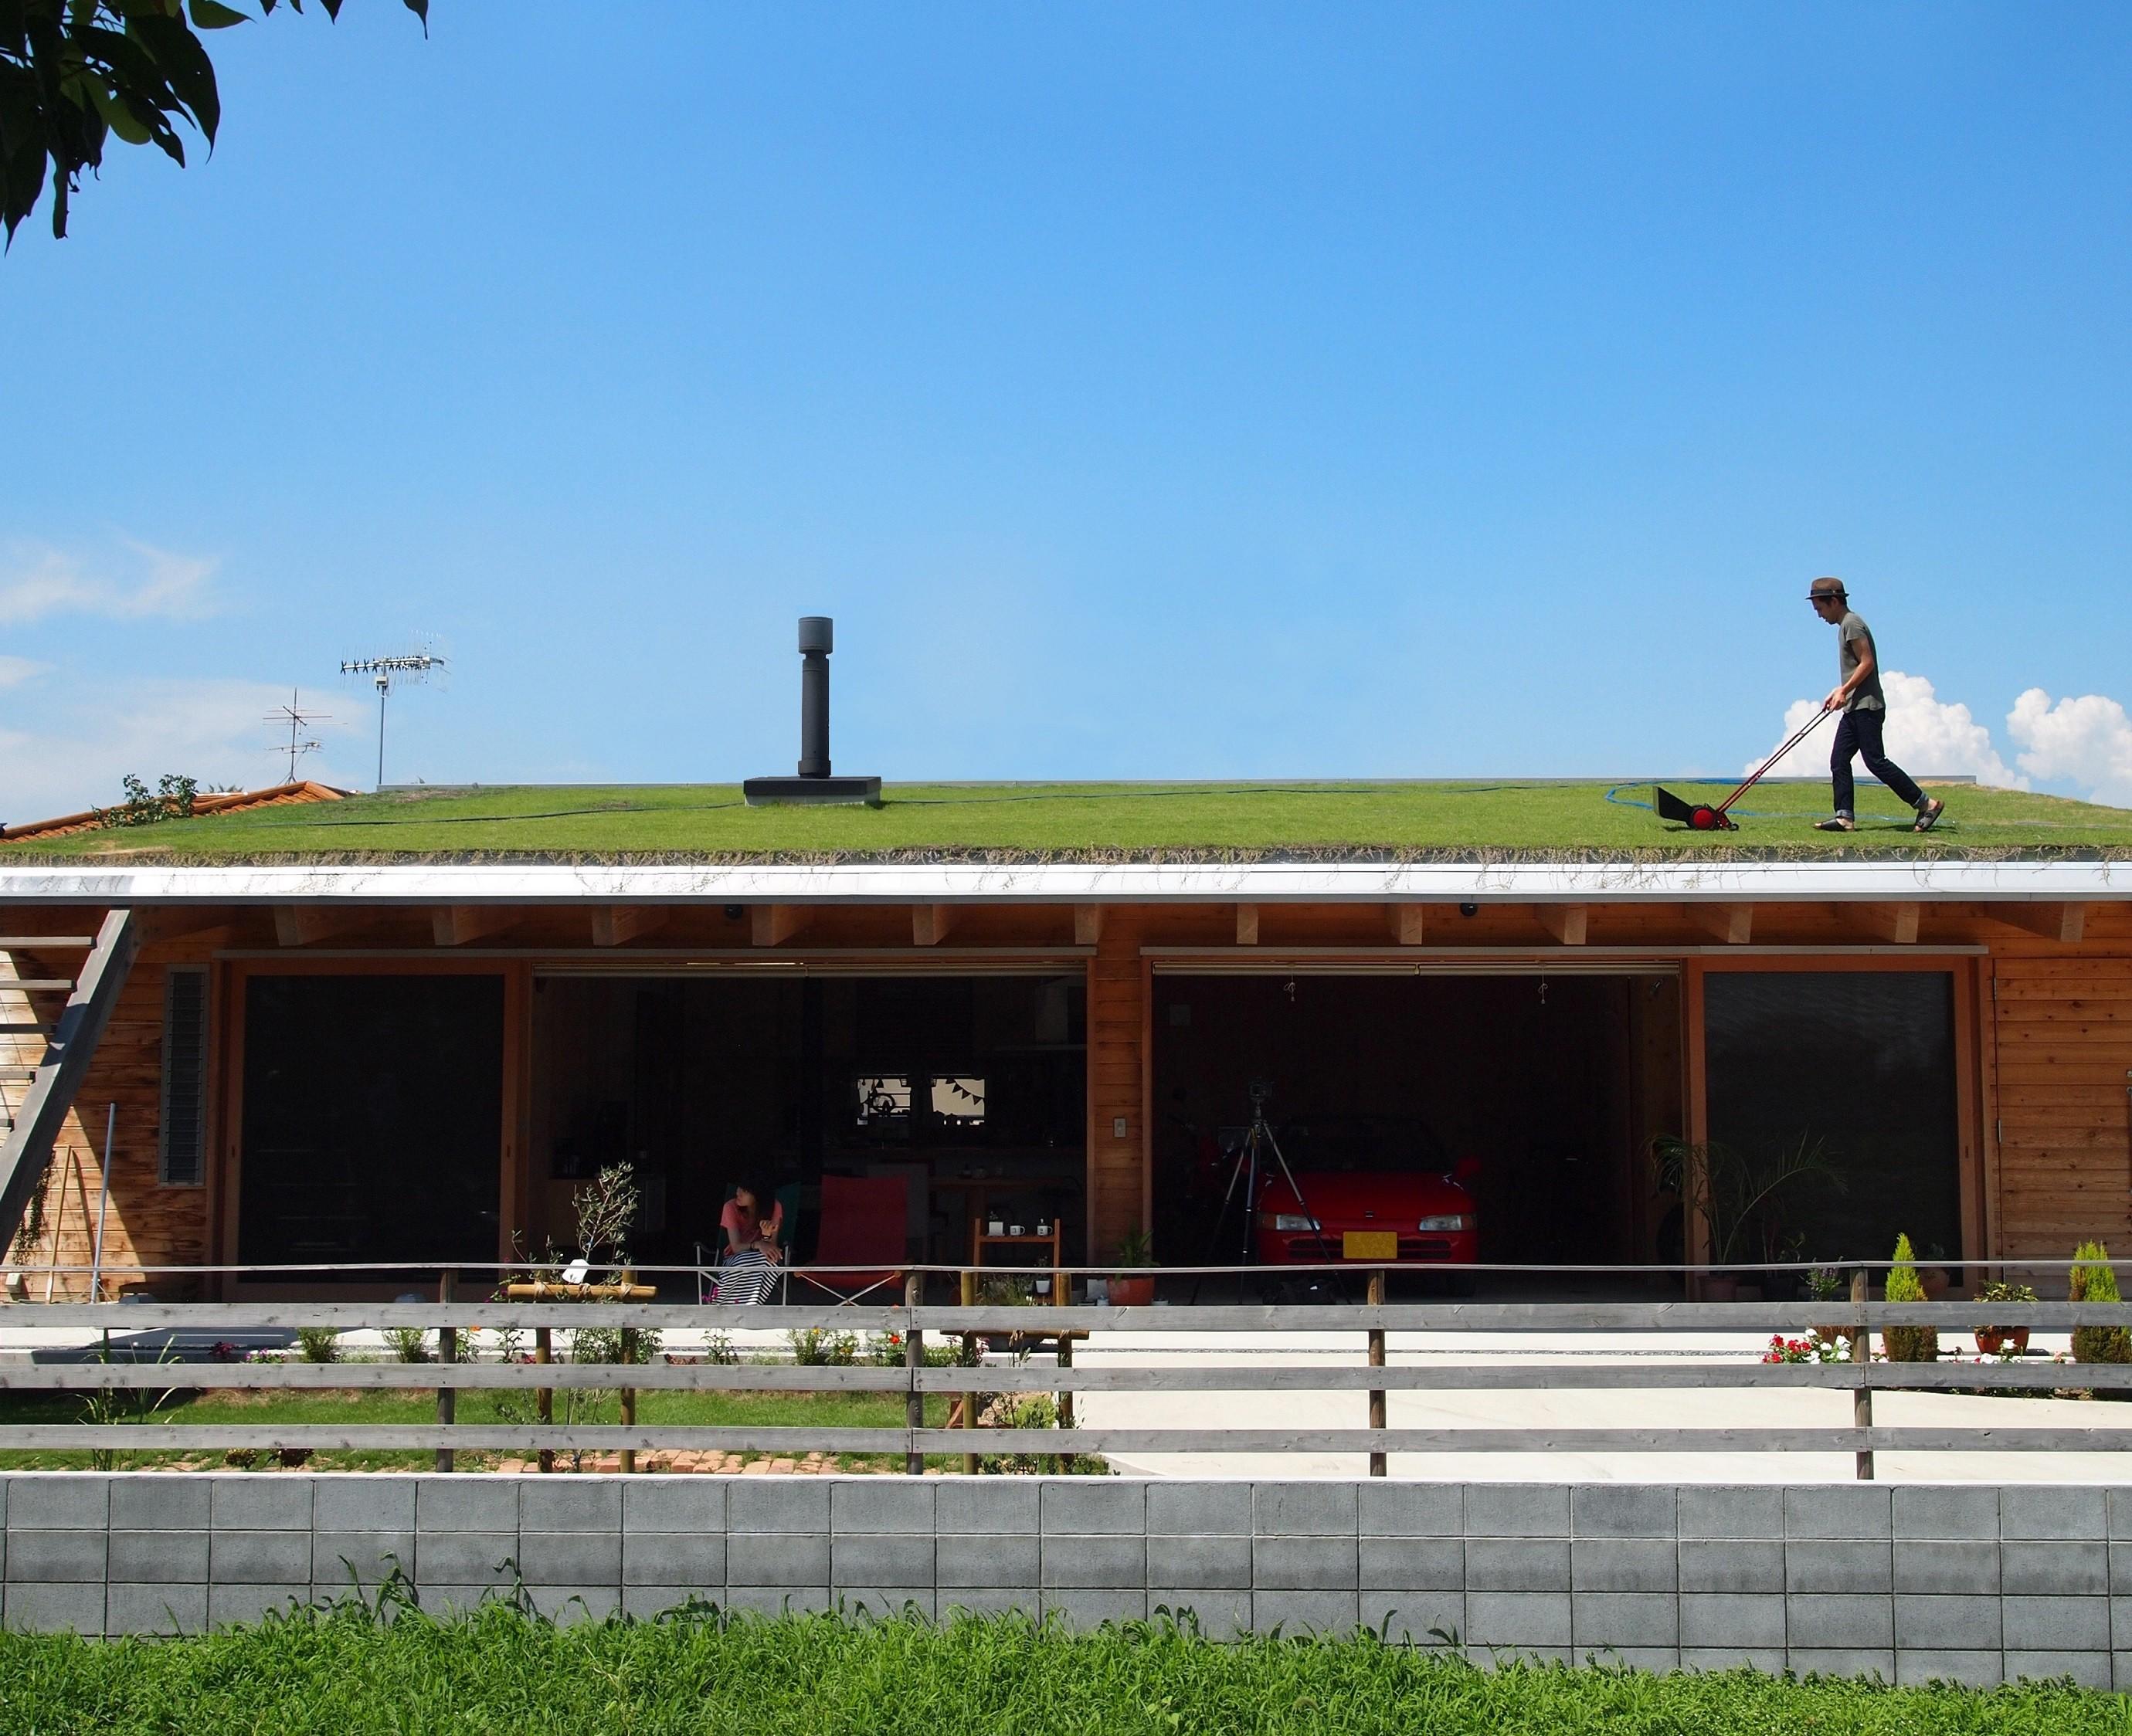 アウトドア事例:芝屋根は楽しい!(土間リビングで愛車と暮らす家 BEAT HOUSE)